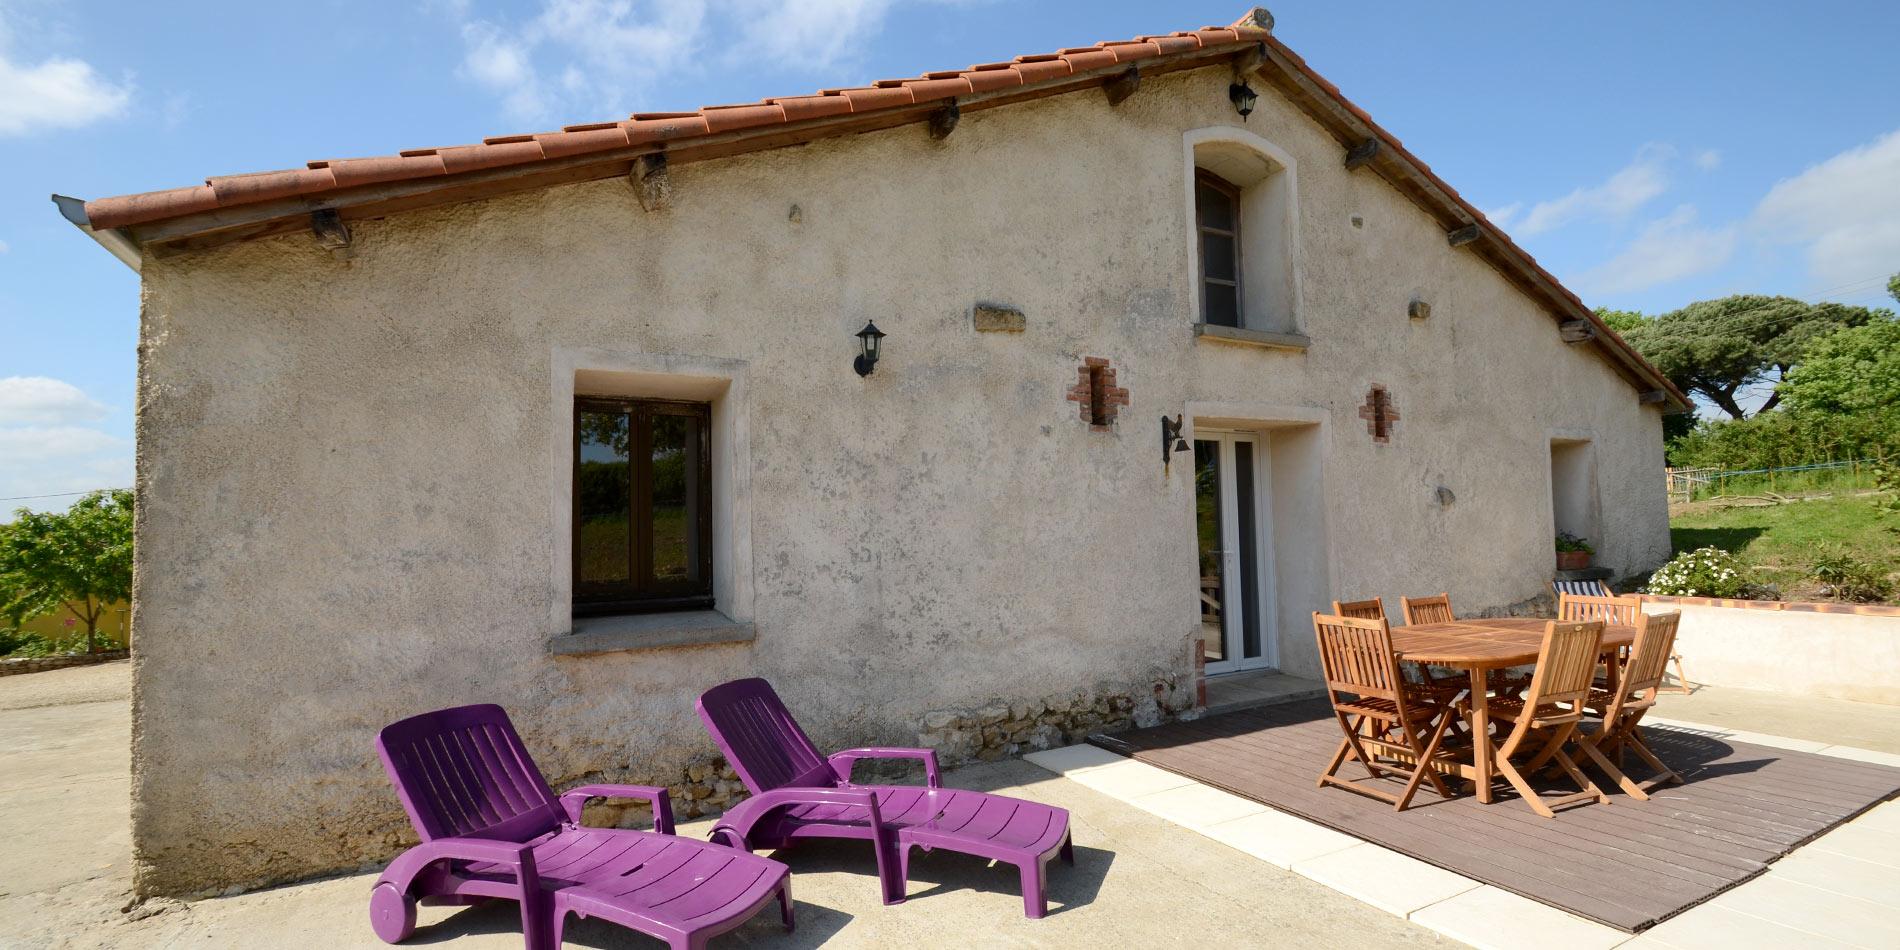 le salon de jardin et les bains de soleil sur la terrasse du gîte de la Bergerie